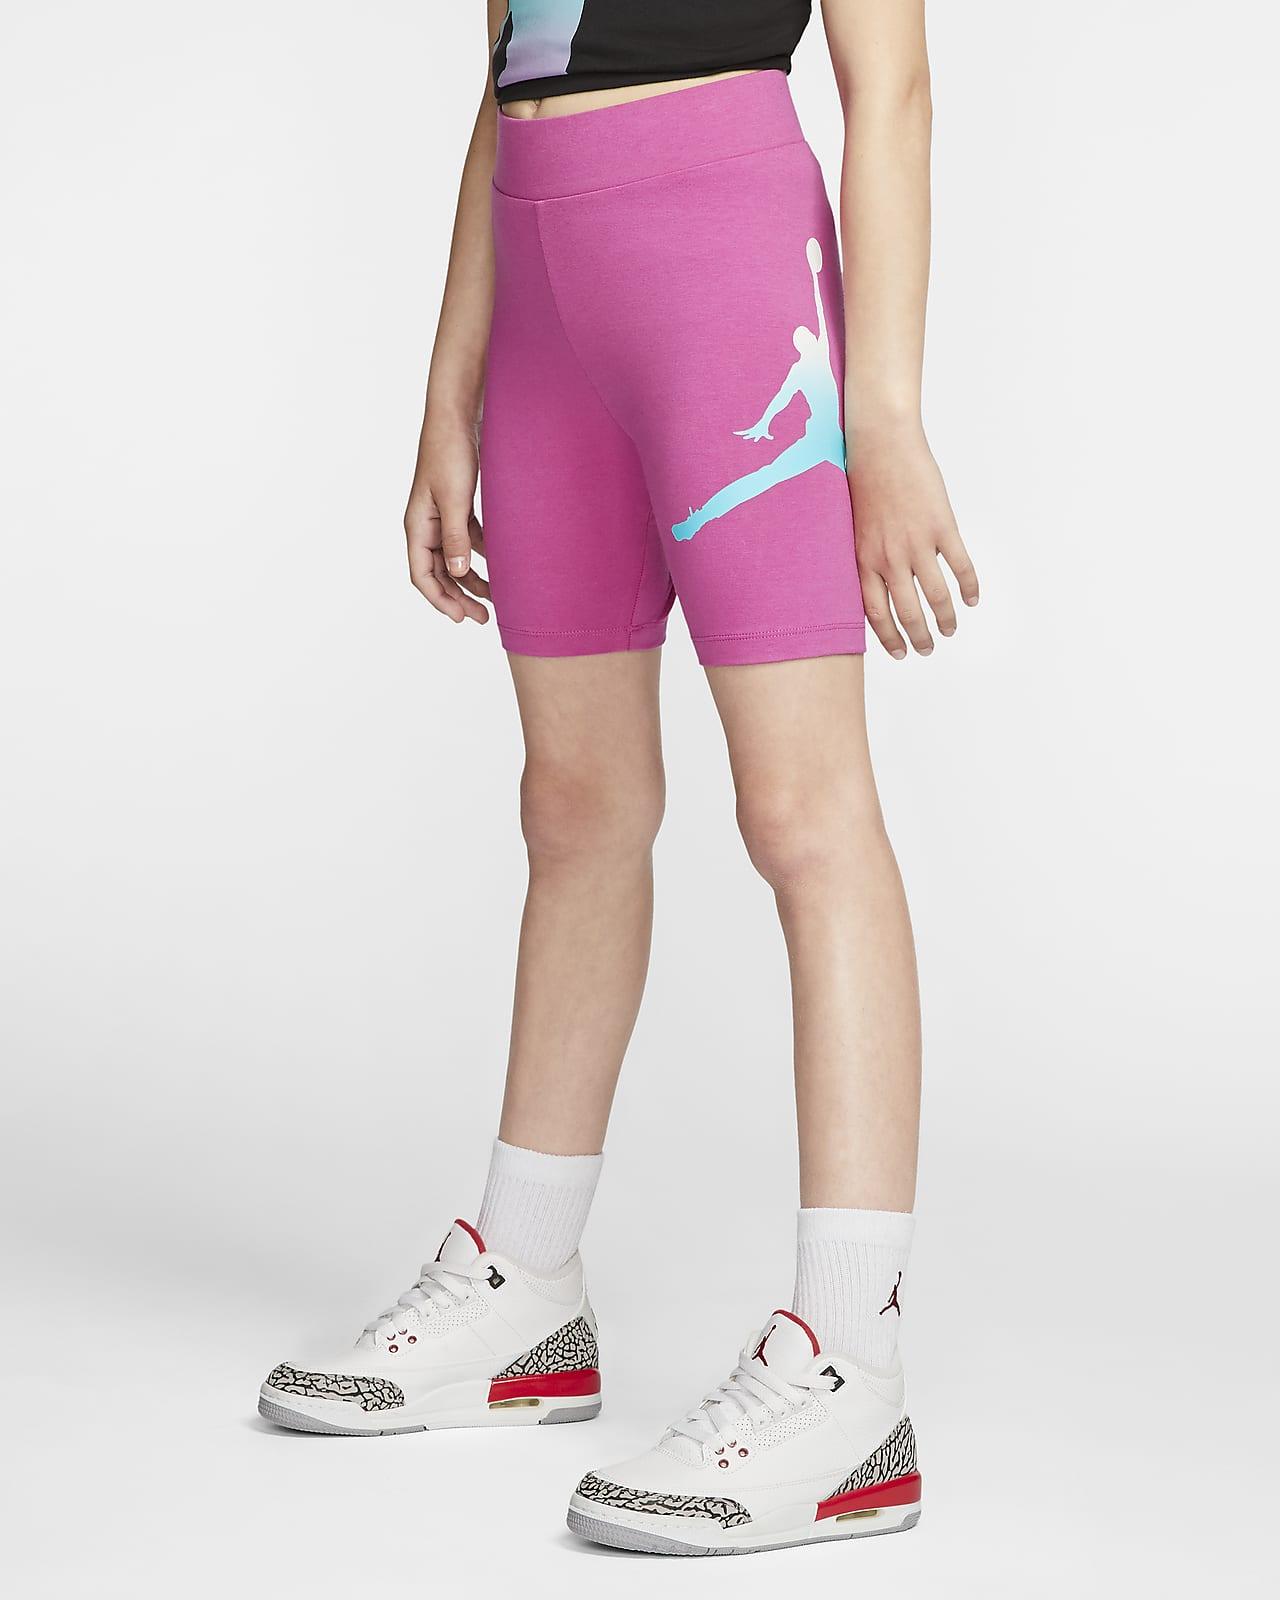 Jordan Older Kids' (Girls') Bike Shorts